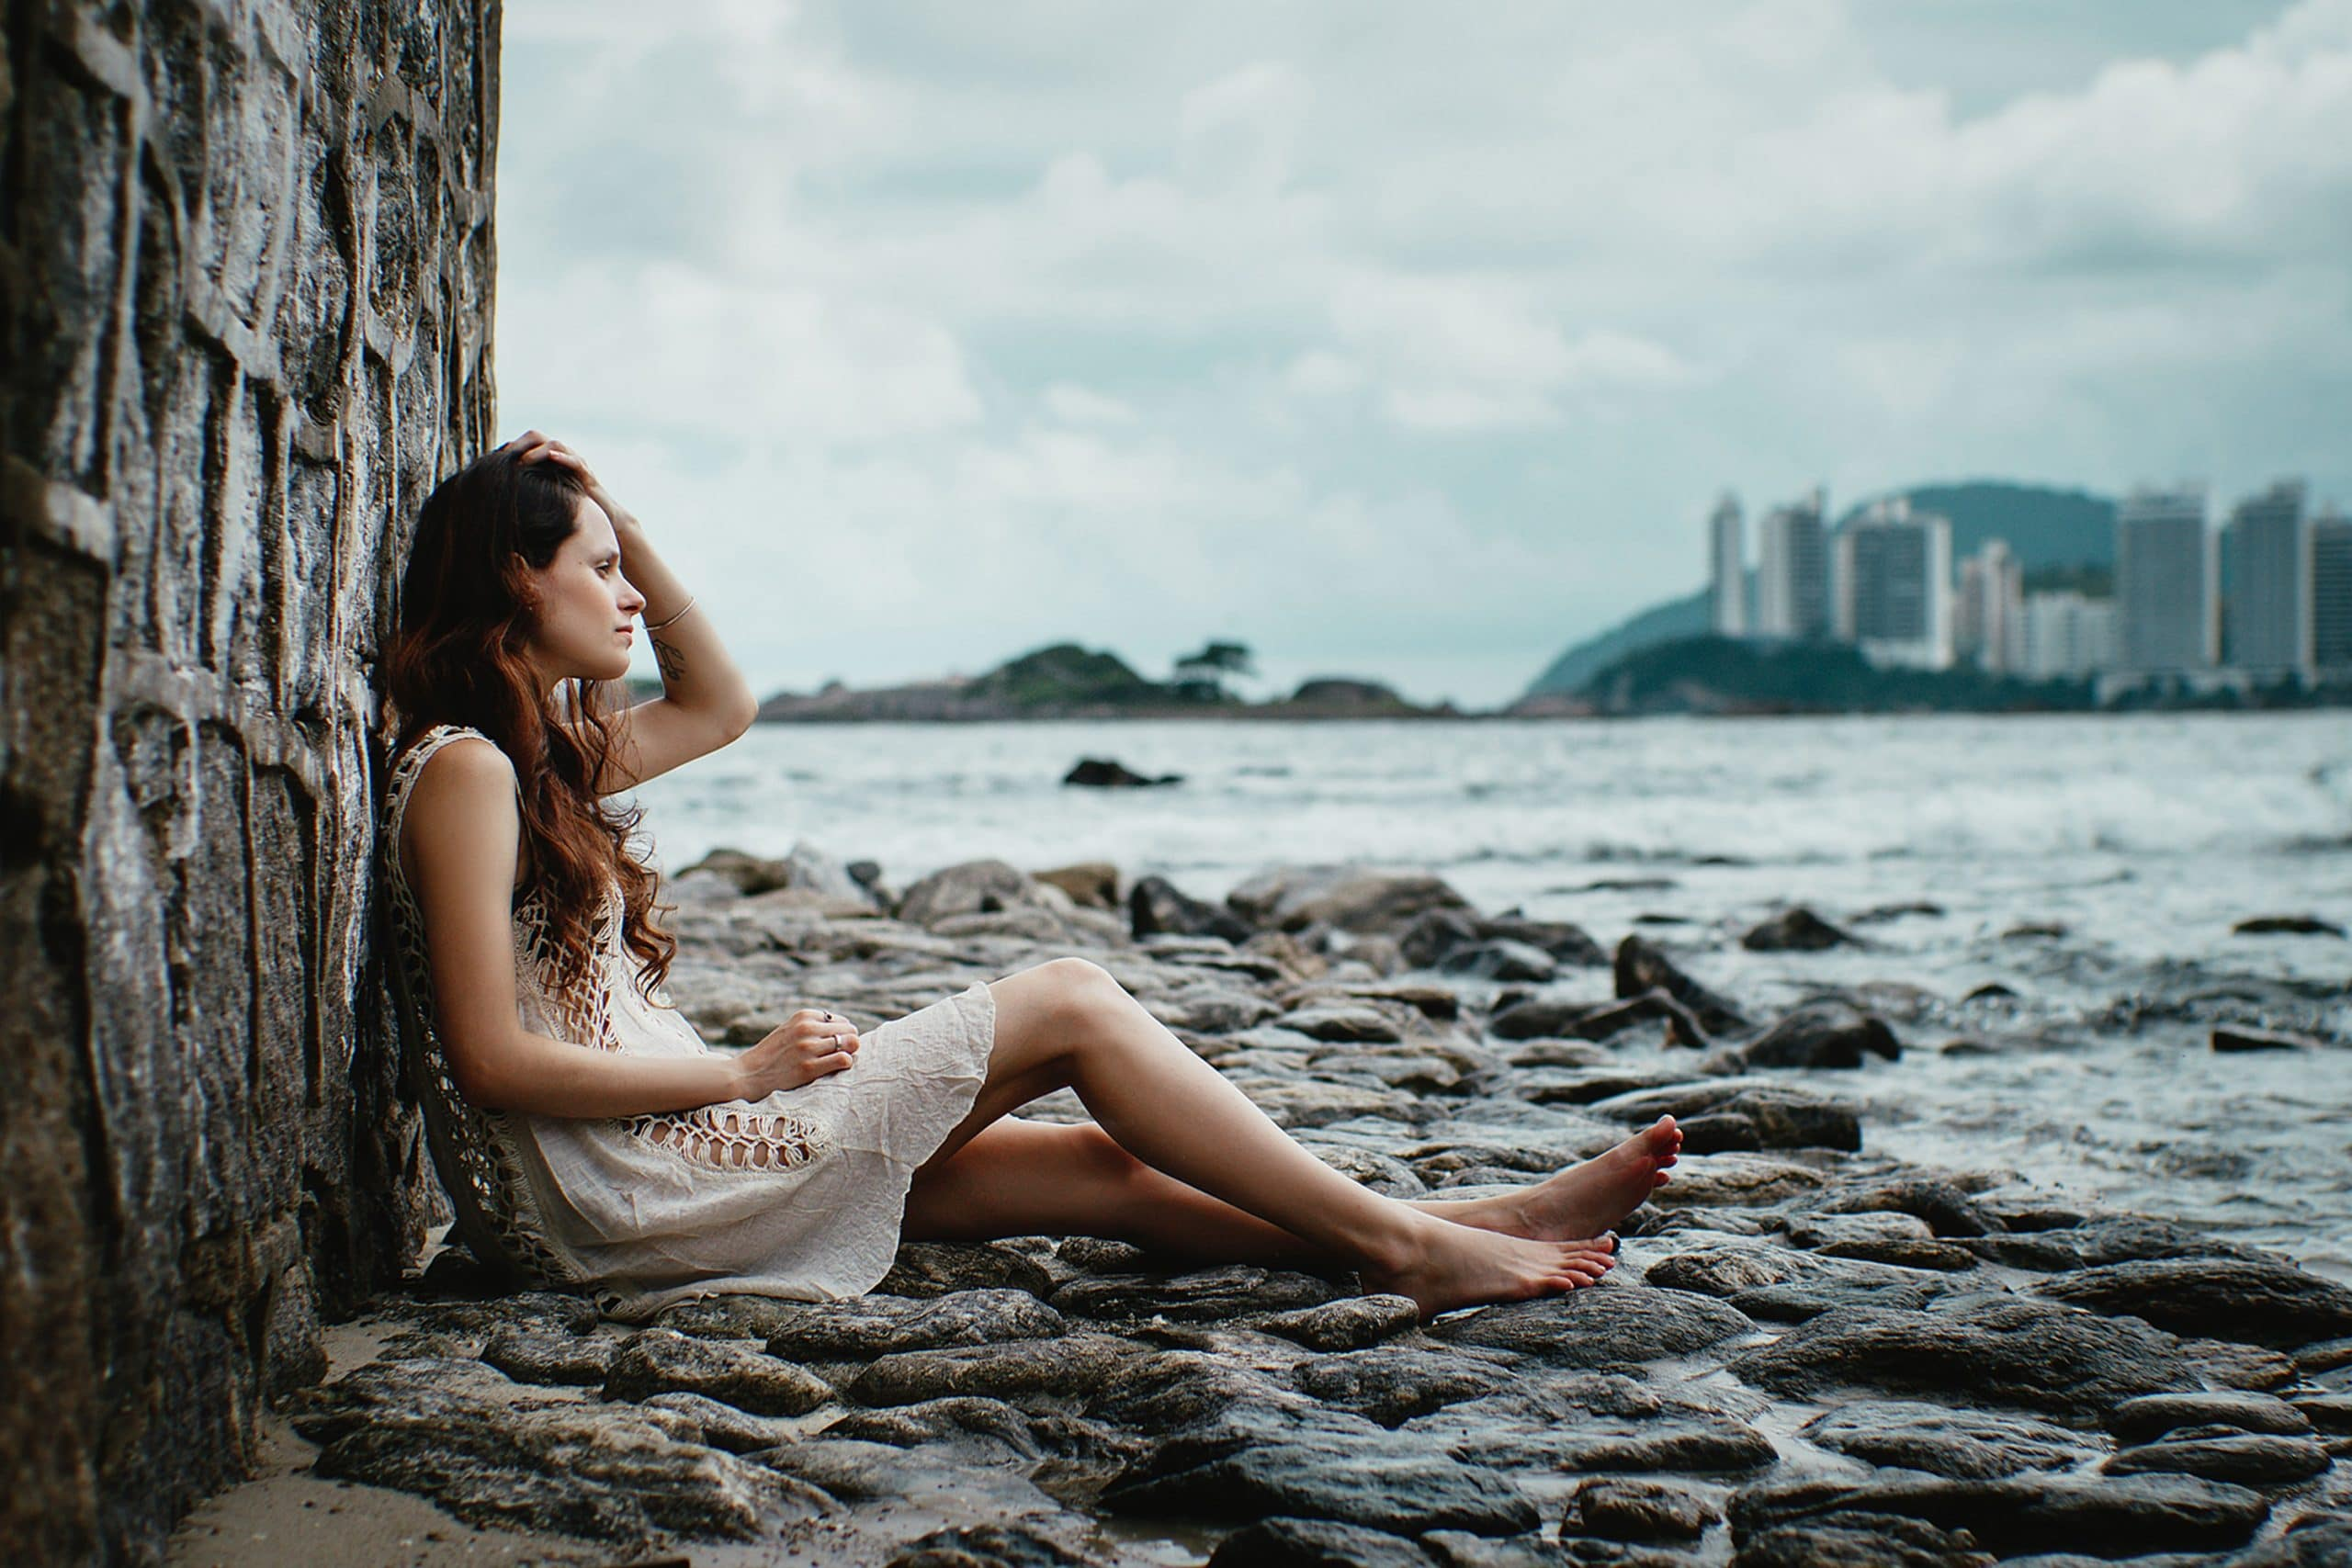 Mulher sentada em pedras com mar ao fundo